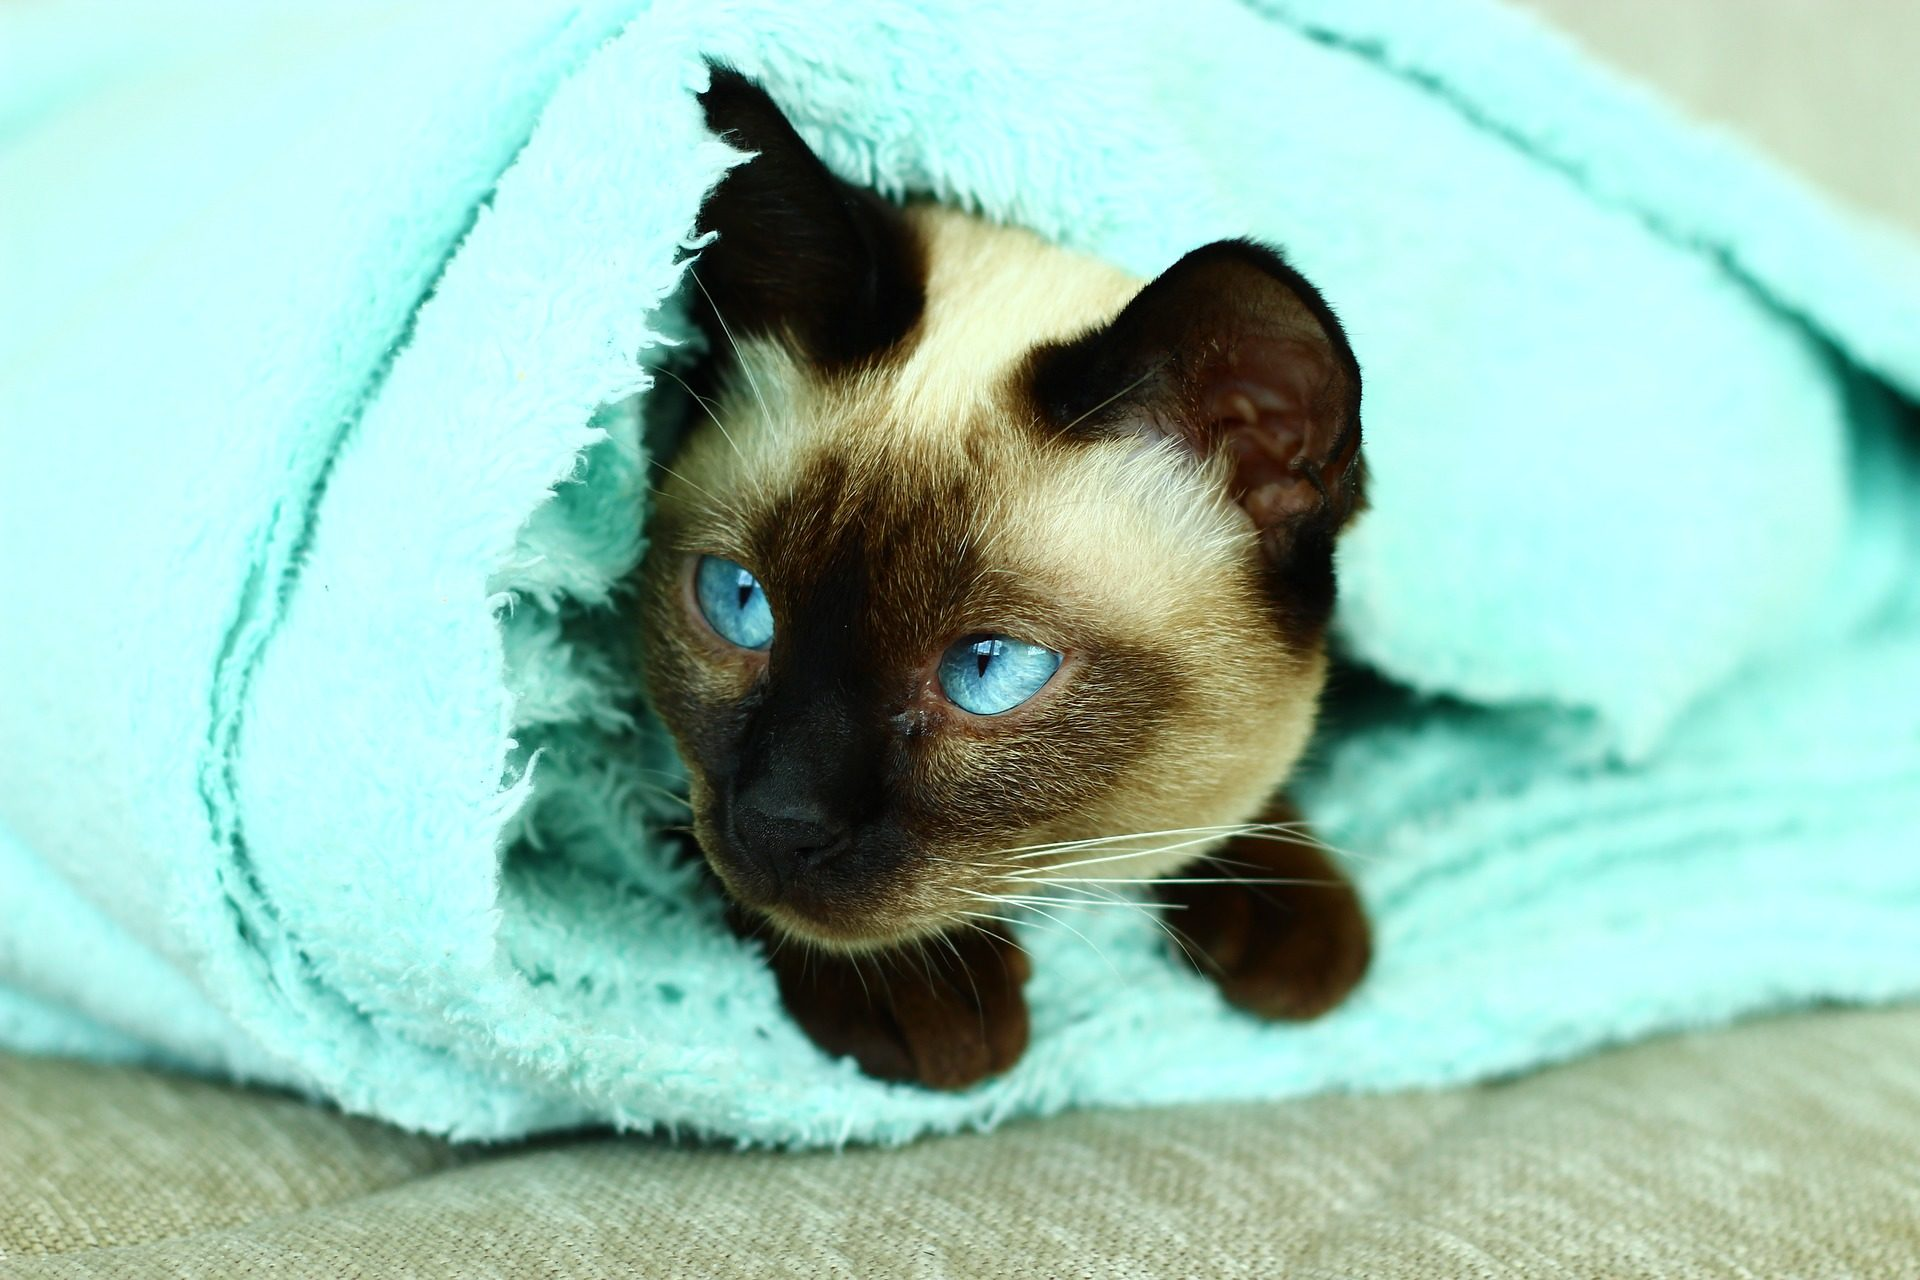 gato, Siameses, cobertor, olhos, Azul, Animal de estimação - Papéis de parede HD - Professor-falken.com